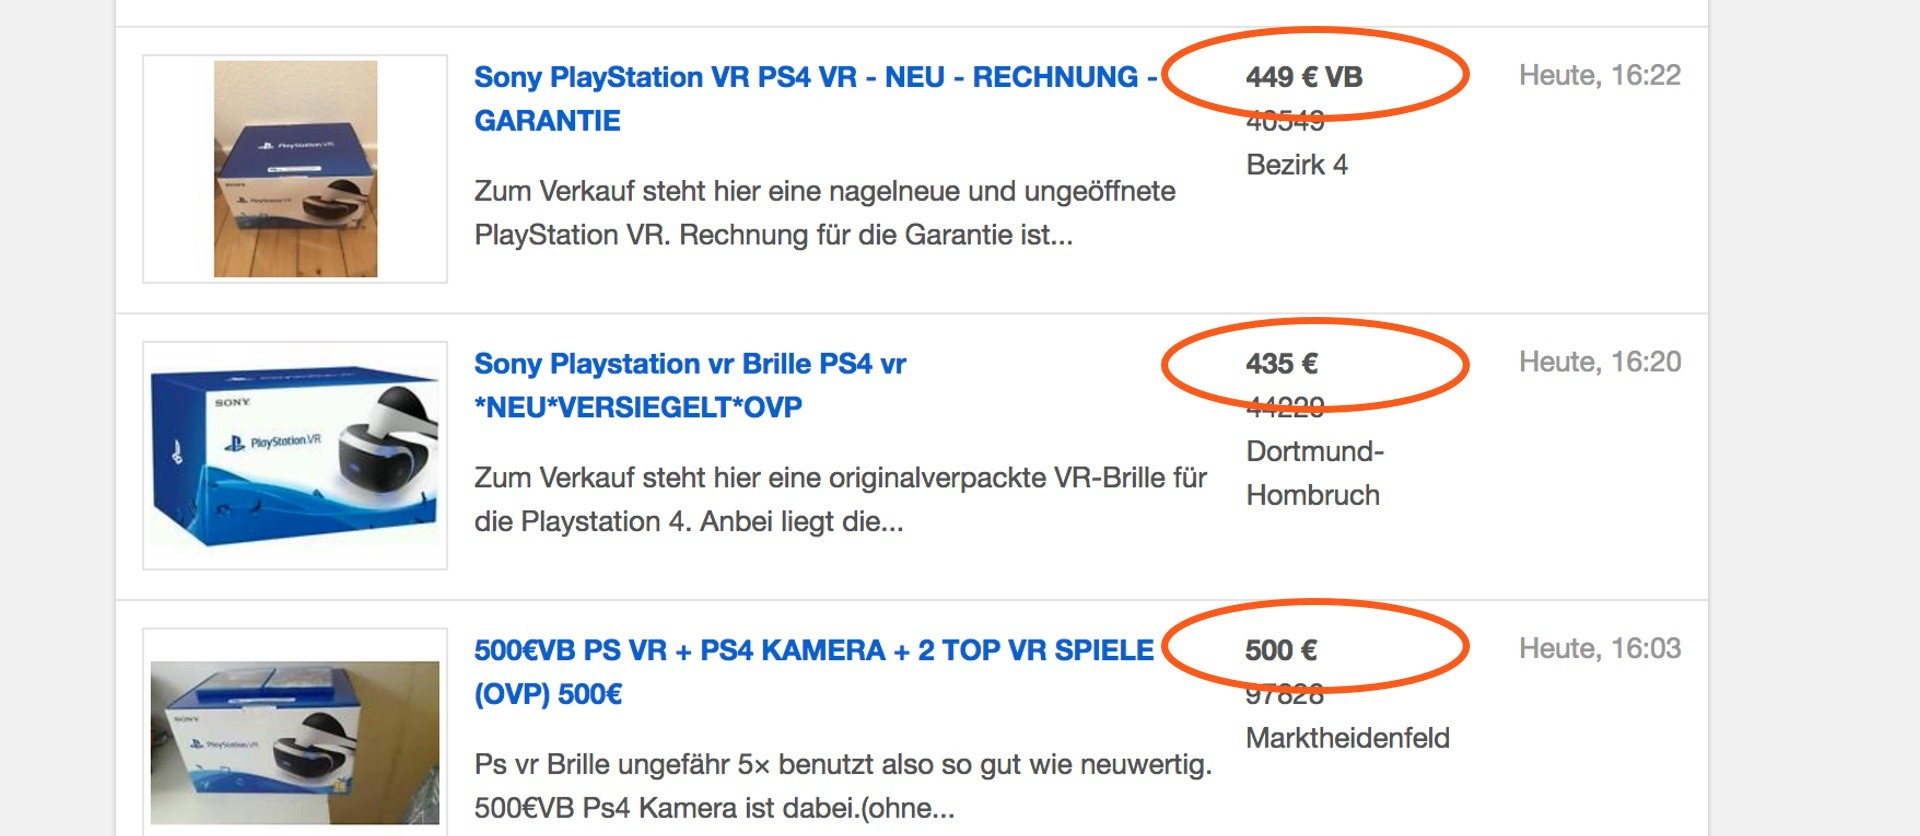 Hohe Preise für PS VR auf eBay Kleinanzeigen